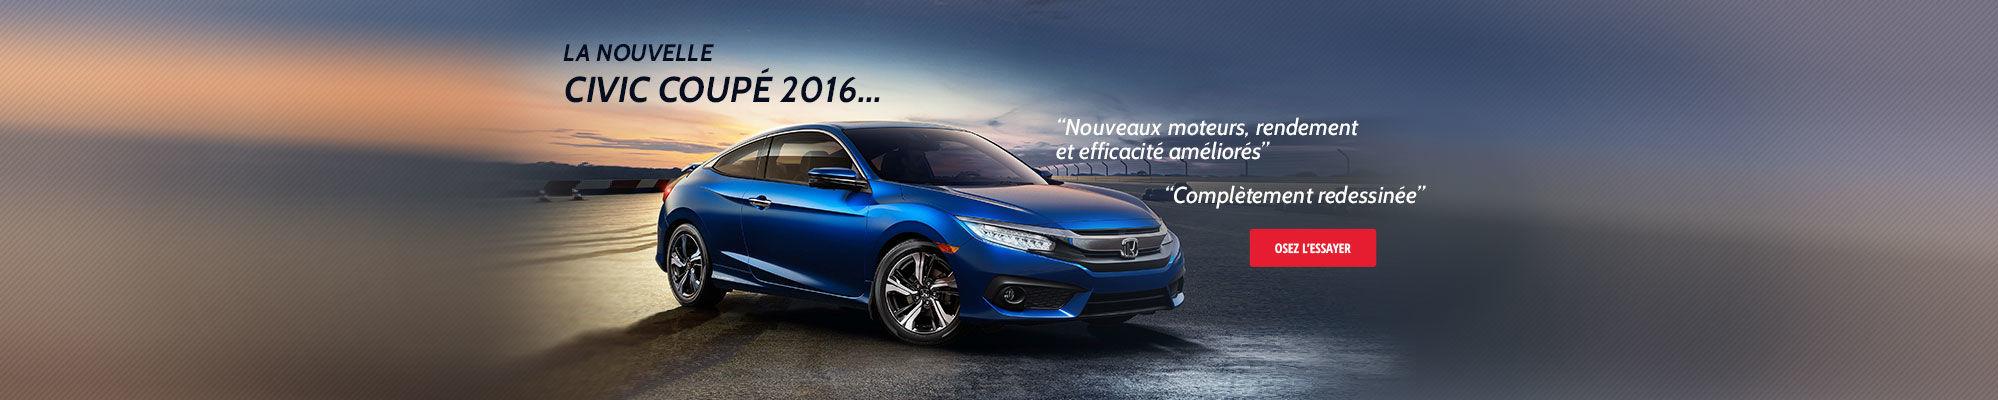 La nouvelle Civic Coupé 2016